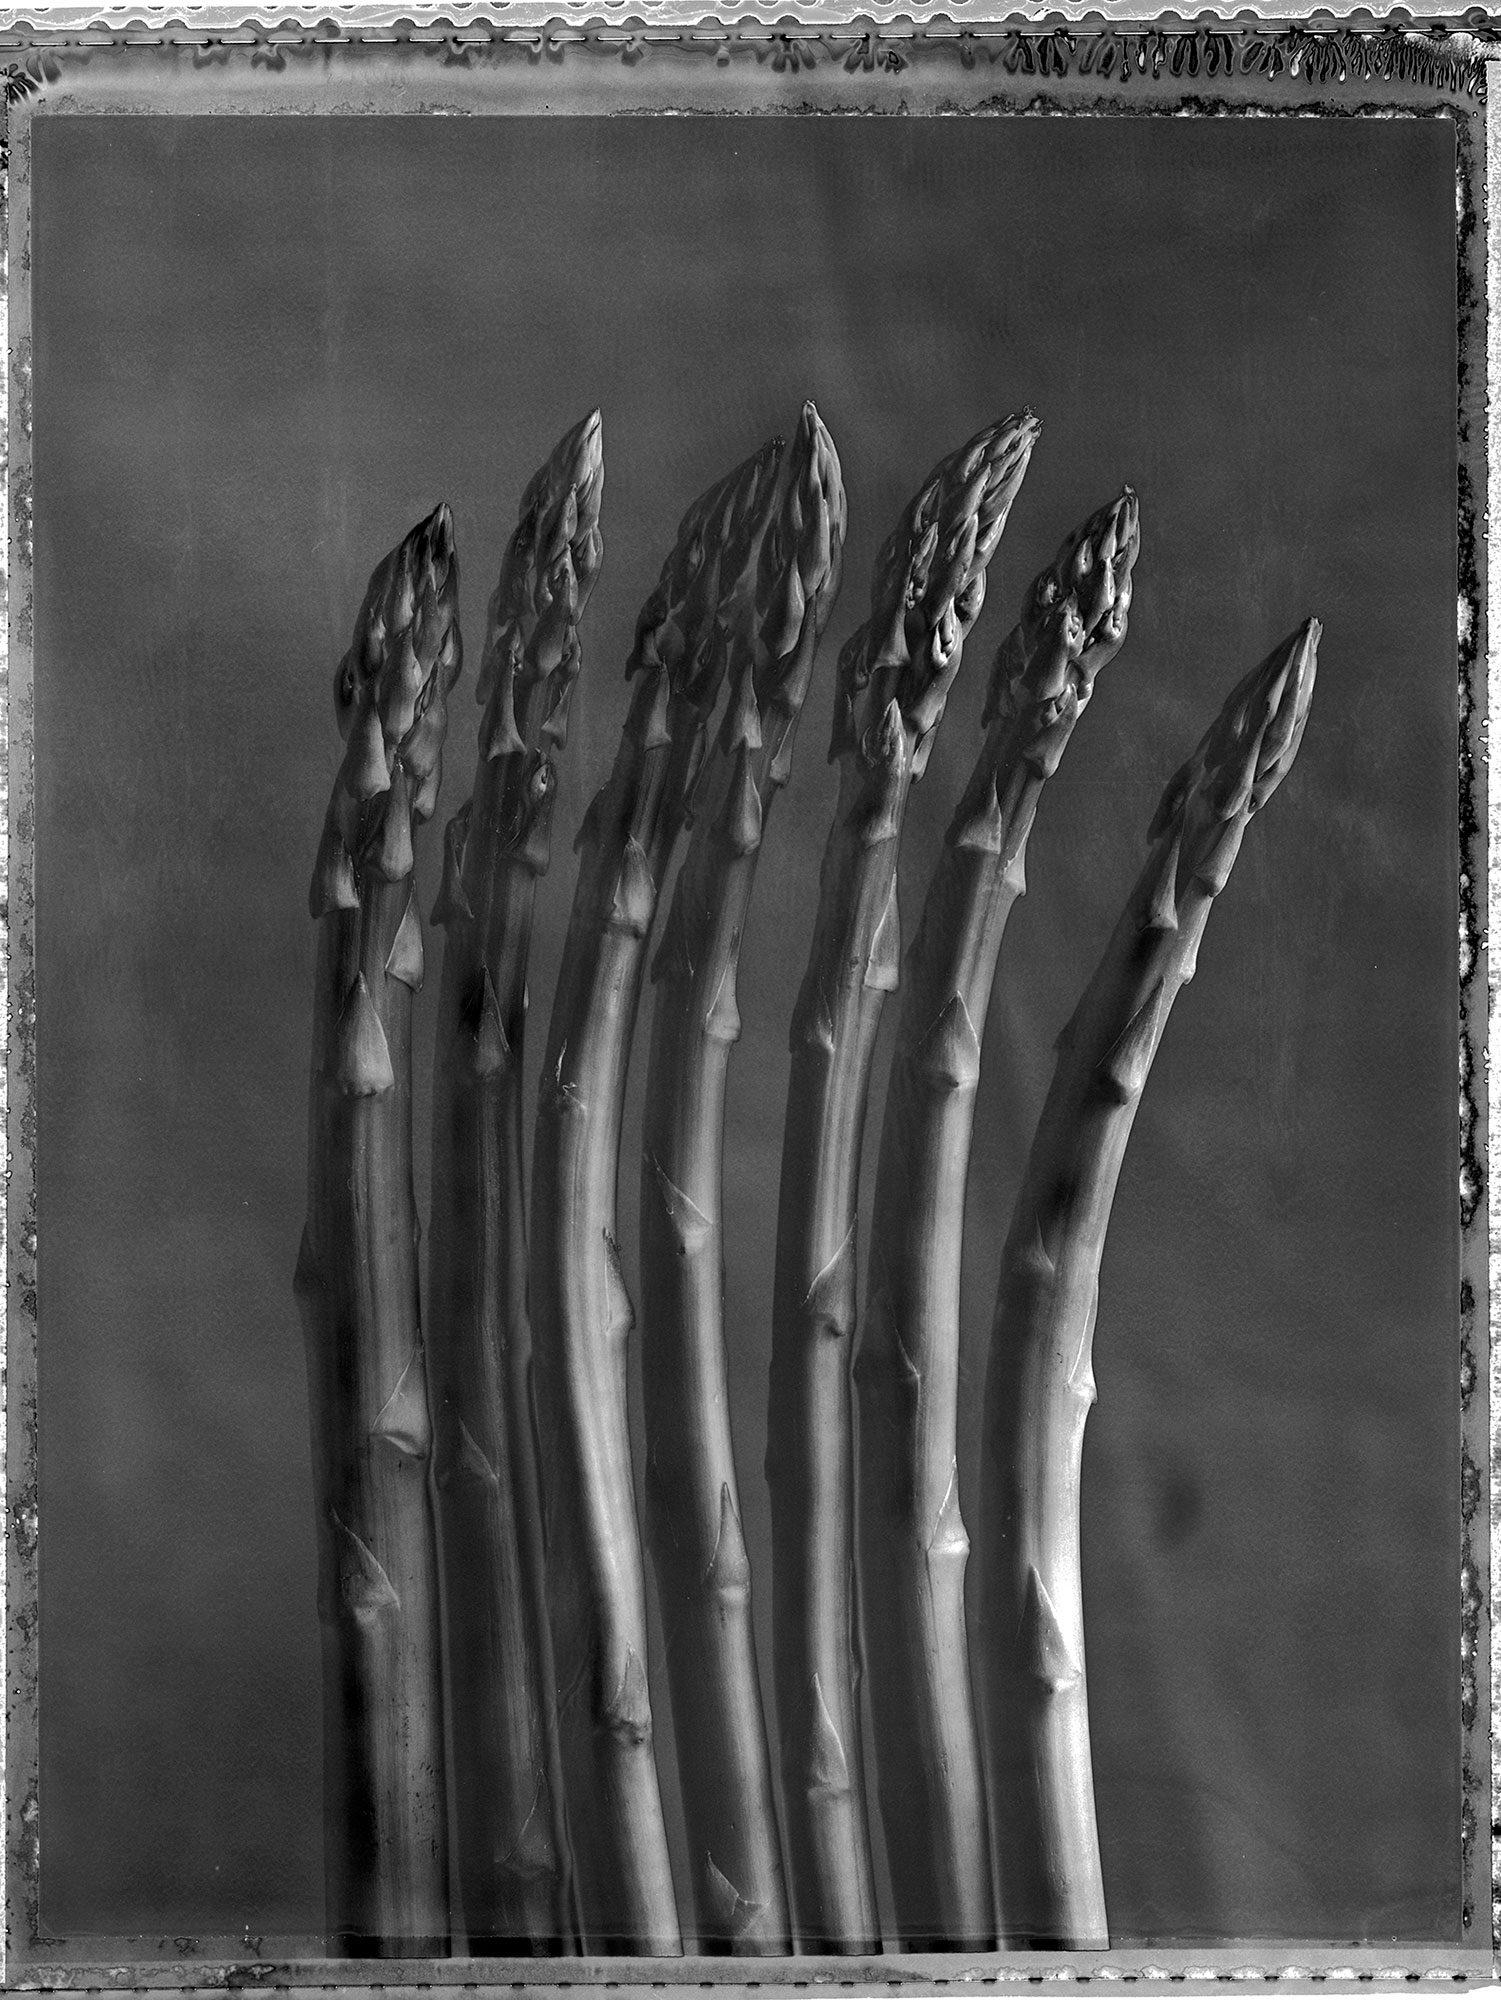 Asparagus2020-2